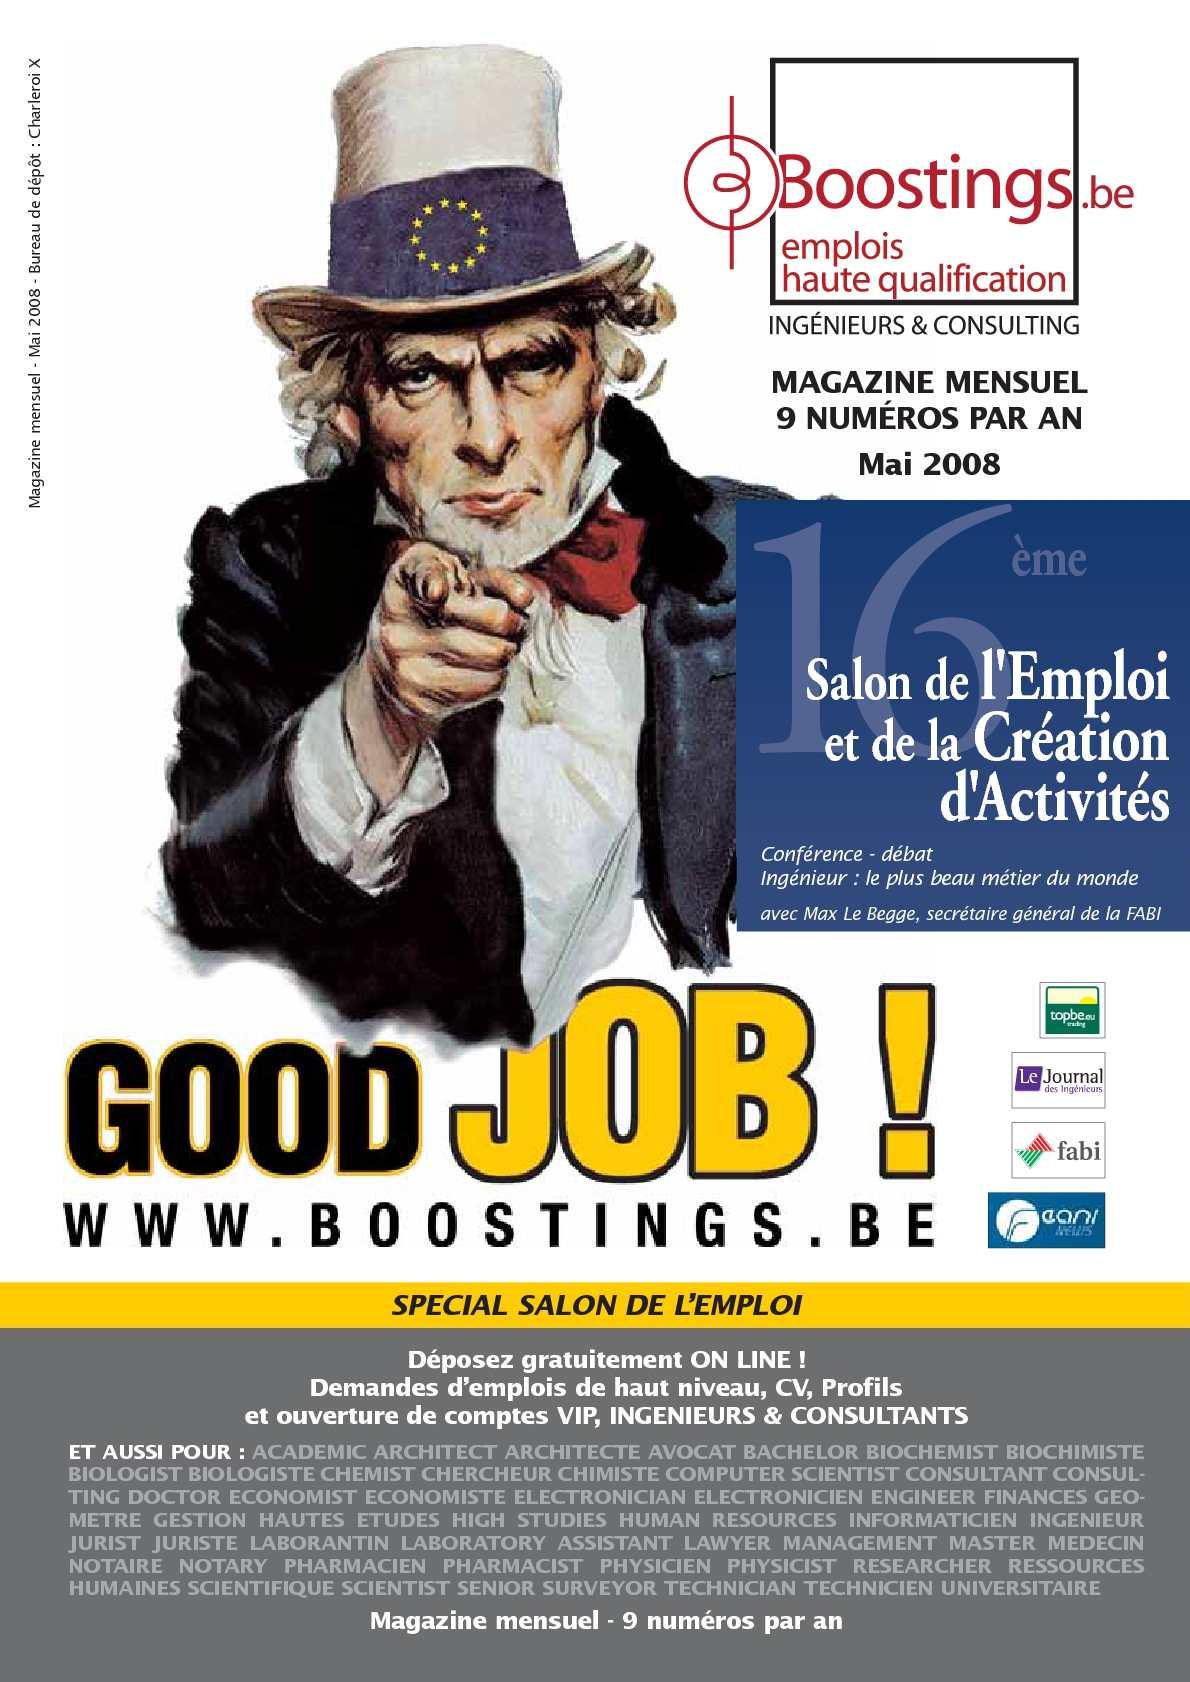 calam u00e9o - boostings mai 2008